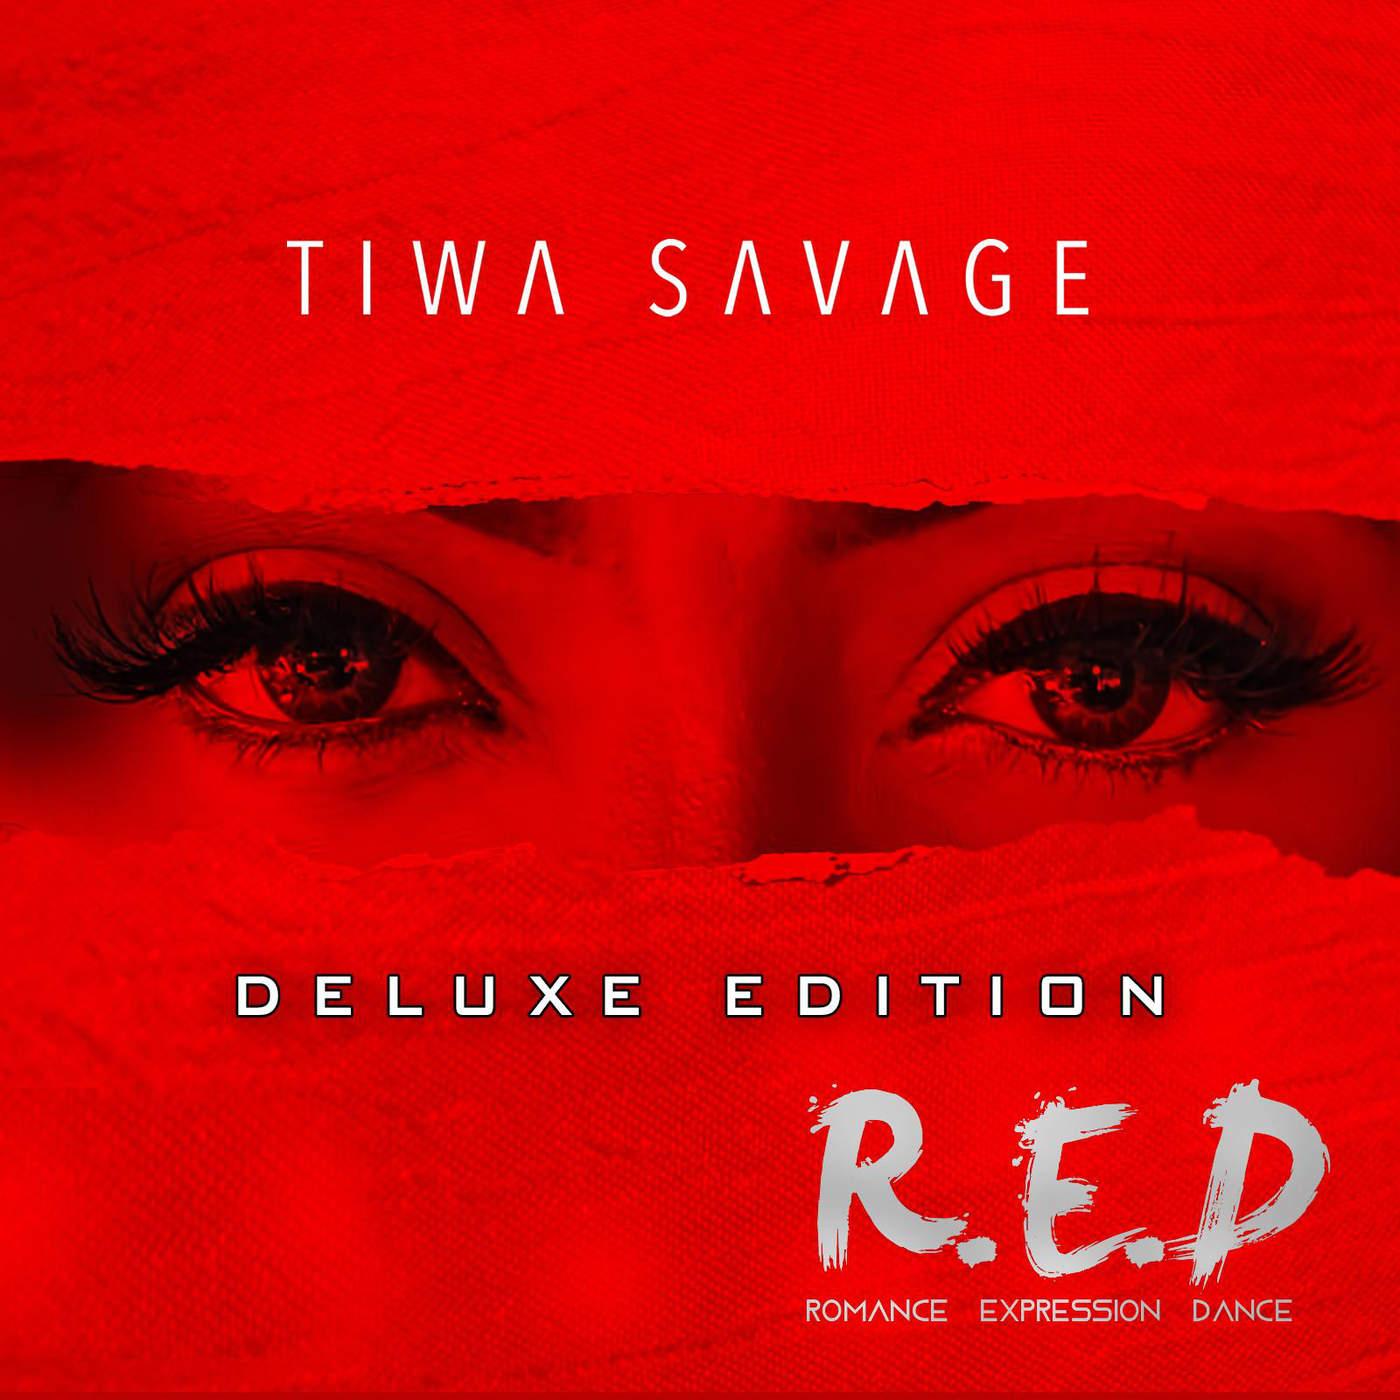 Tiwa Savage R.E.D Deluxe Edition